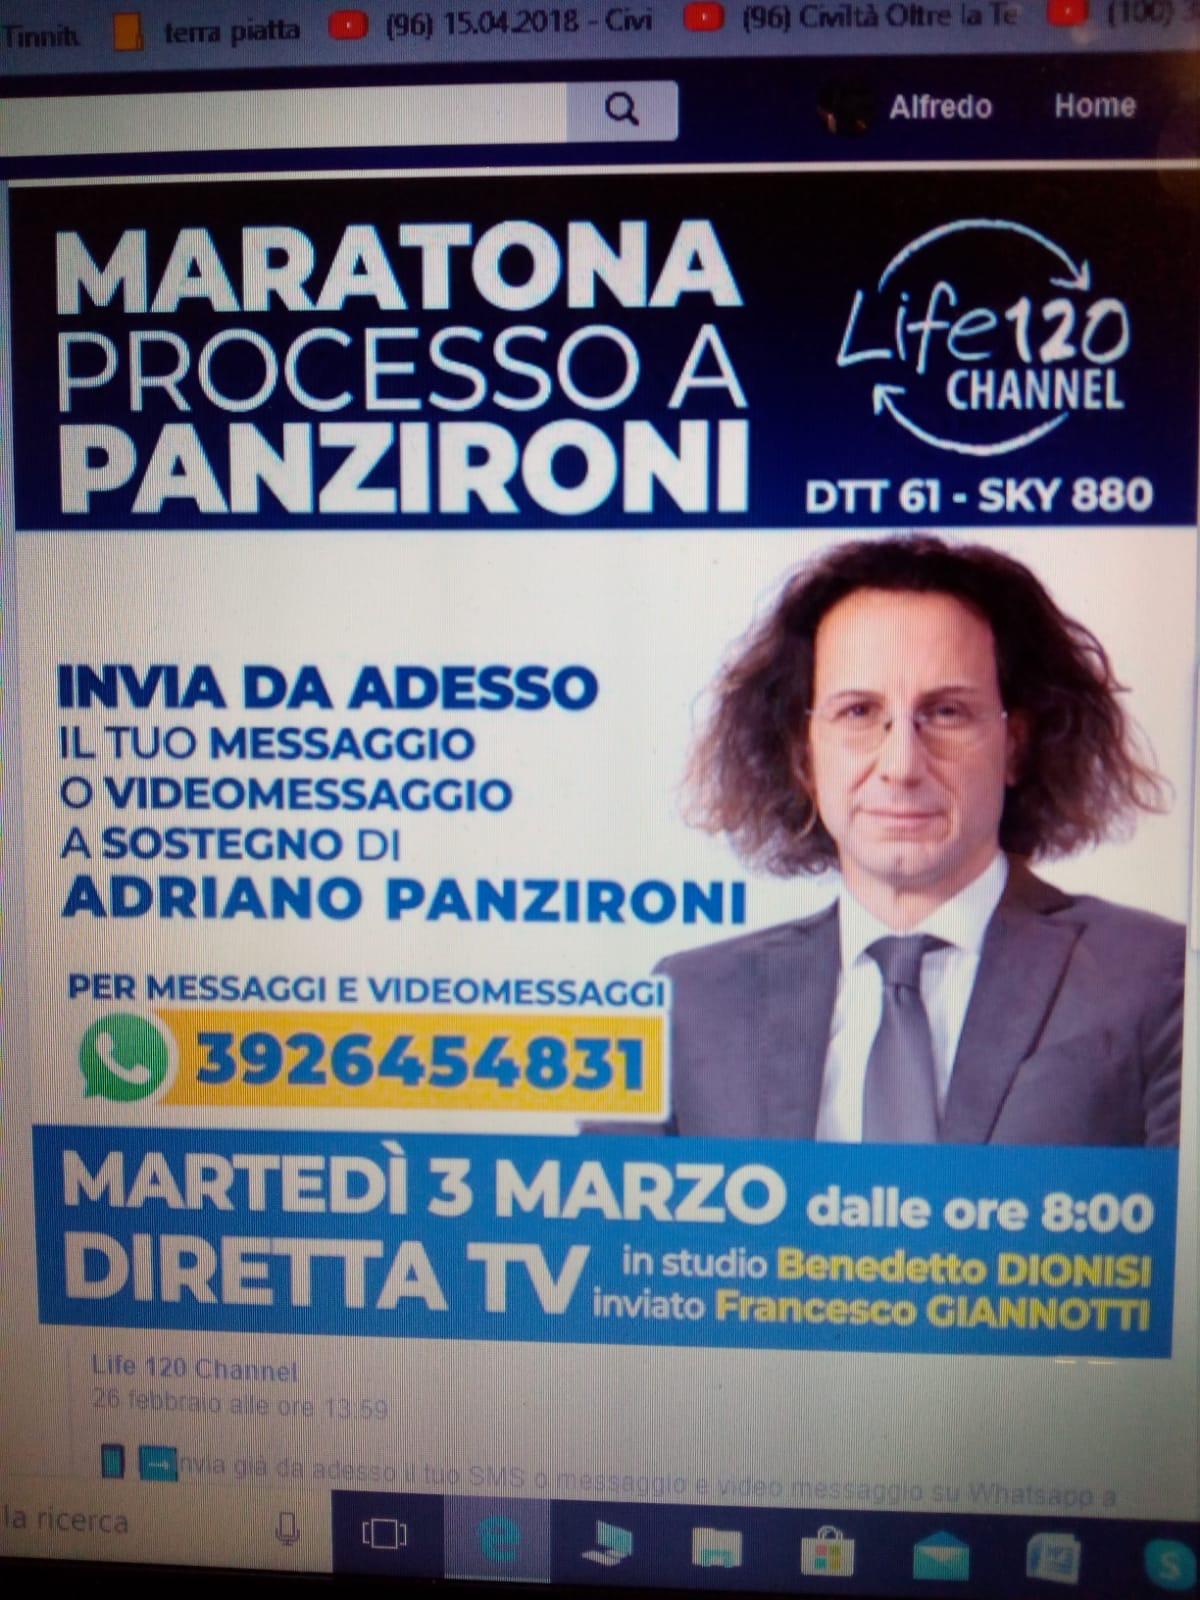 L'annuncio della diretta tv del processo ad Adriano Panzironi